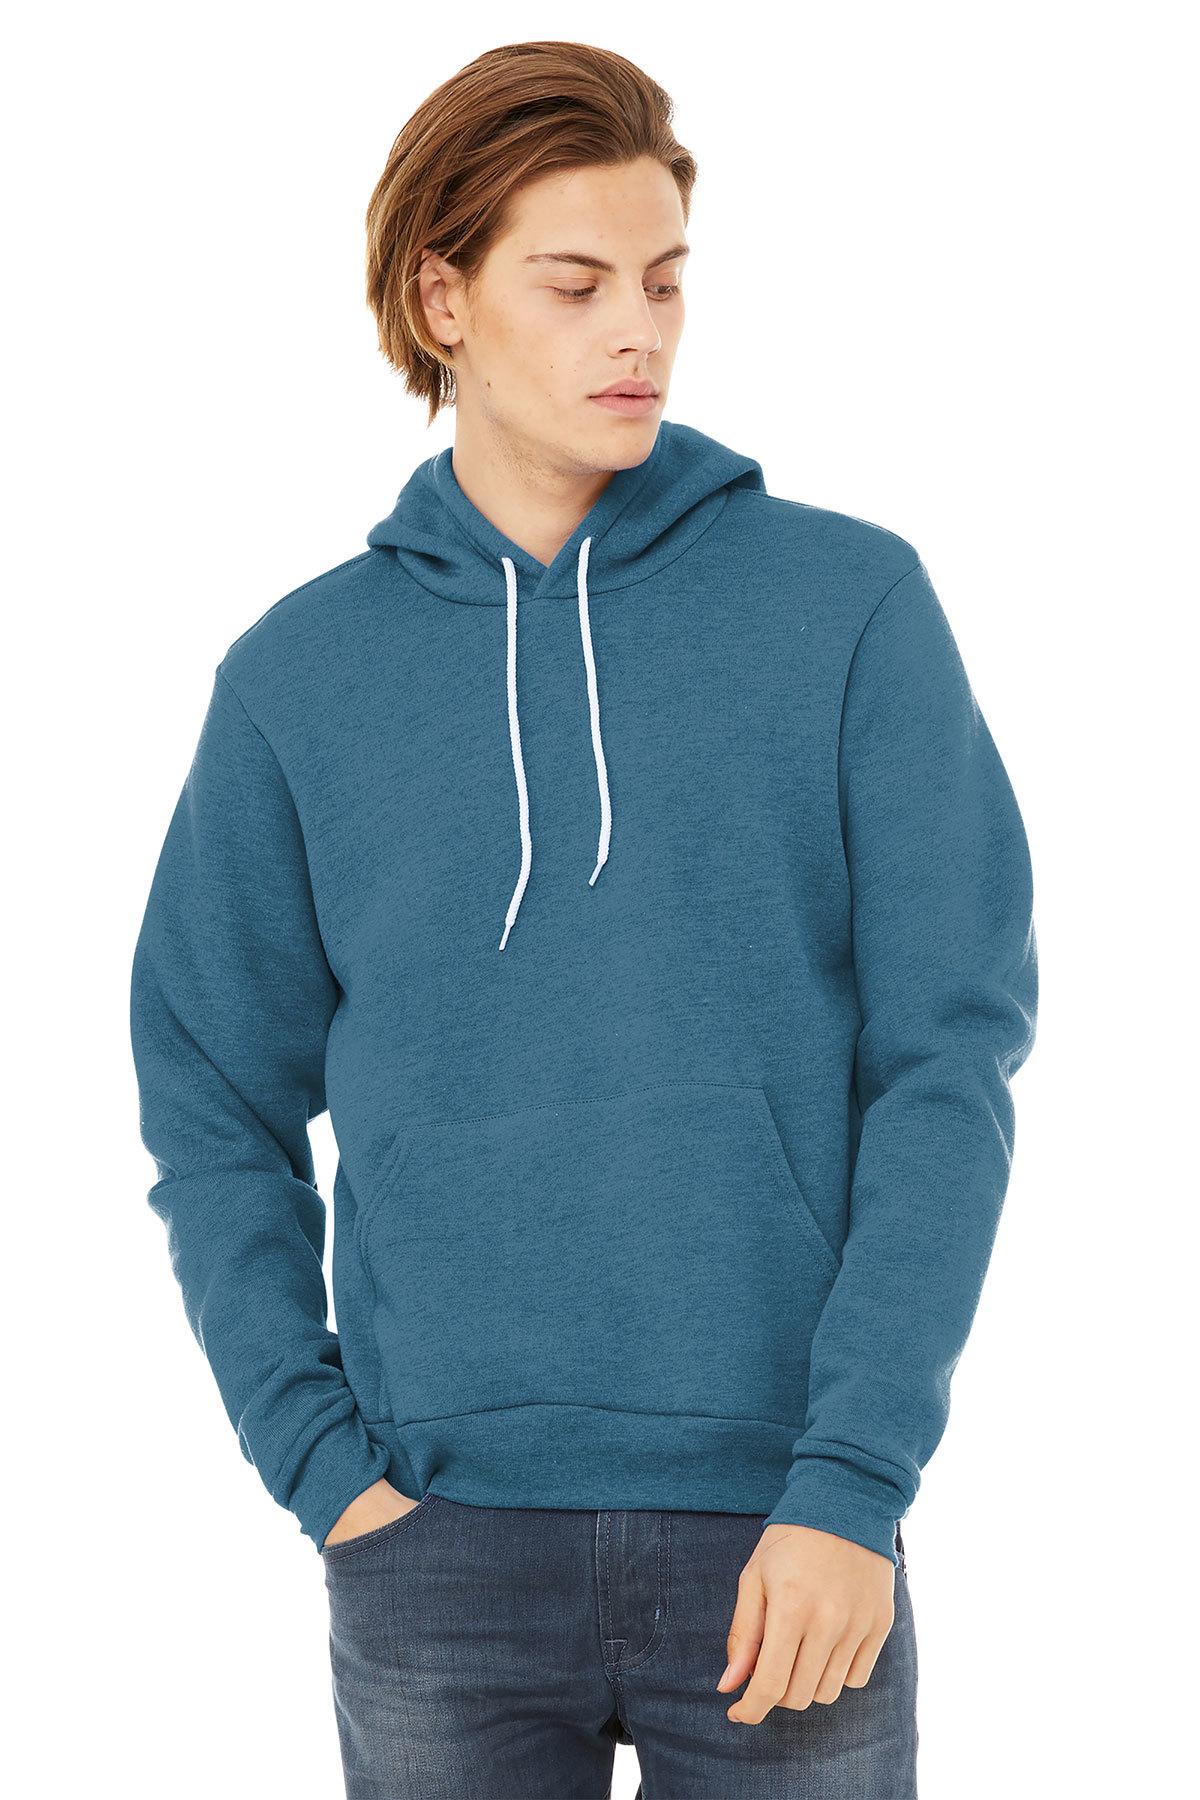 Custom Imprinted hoodies!